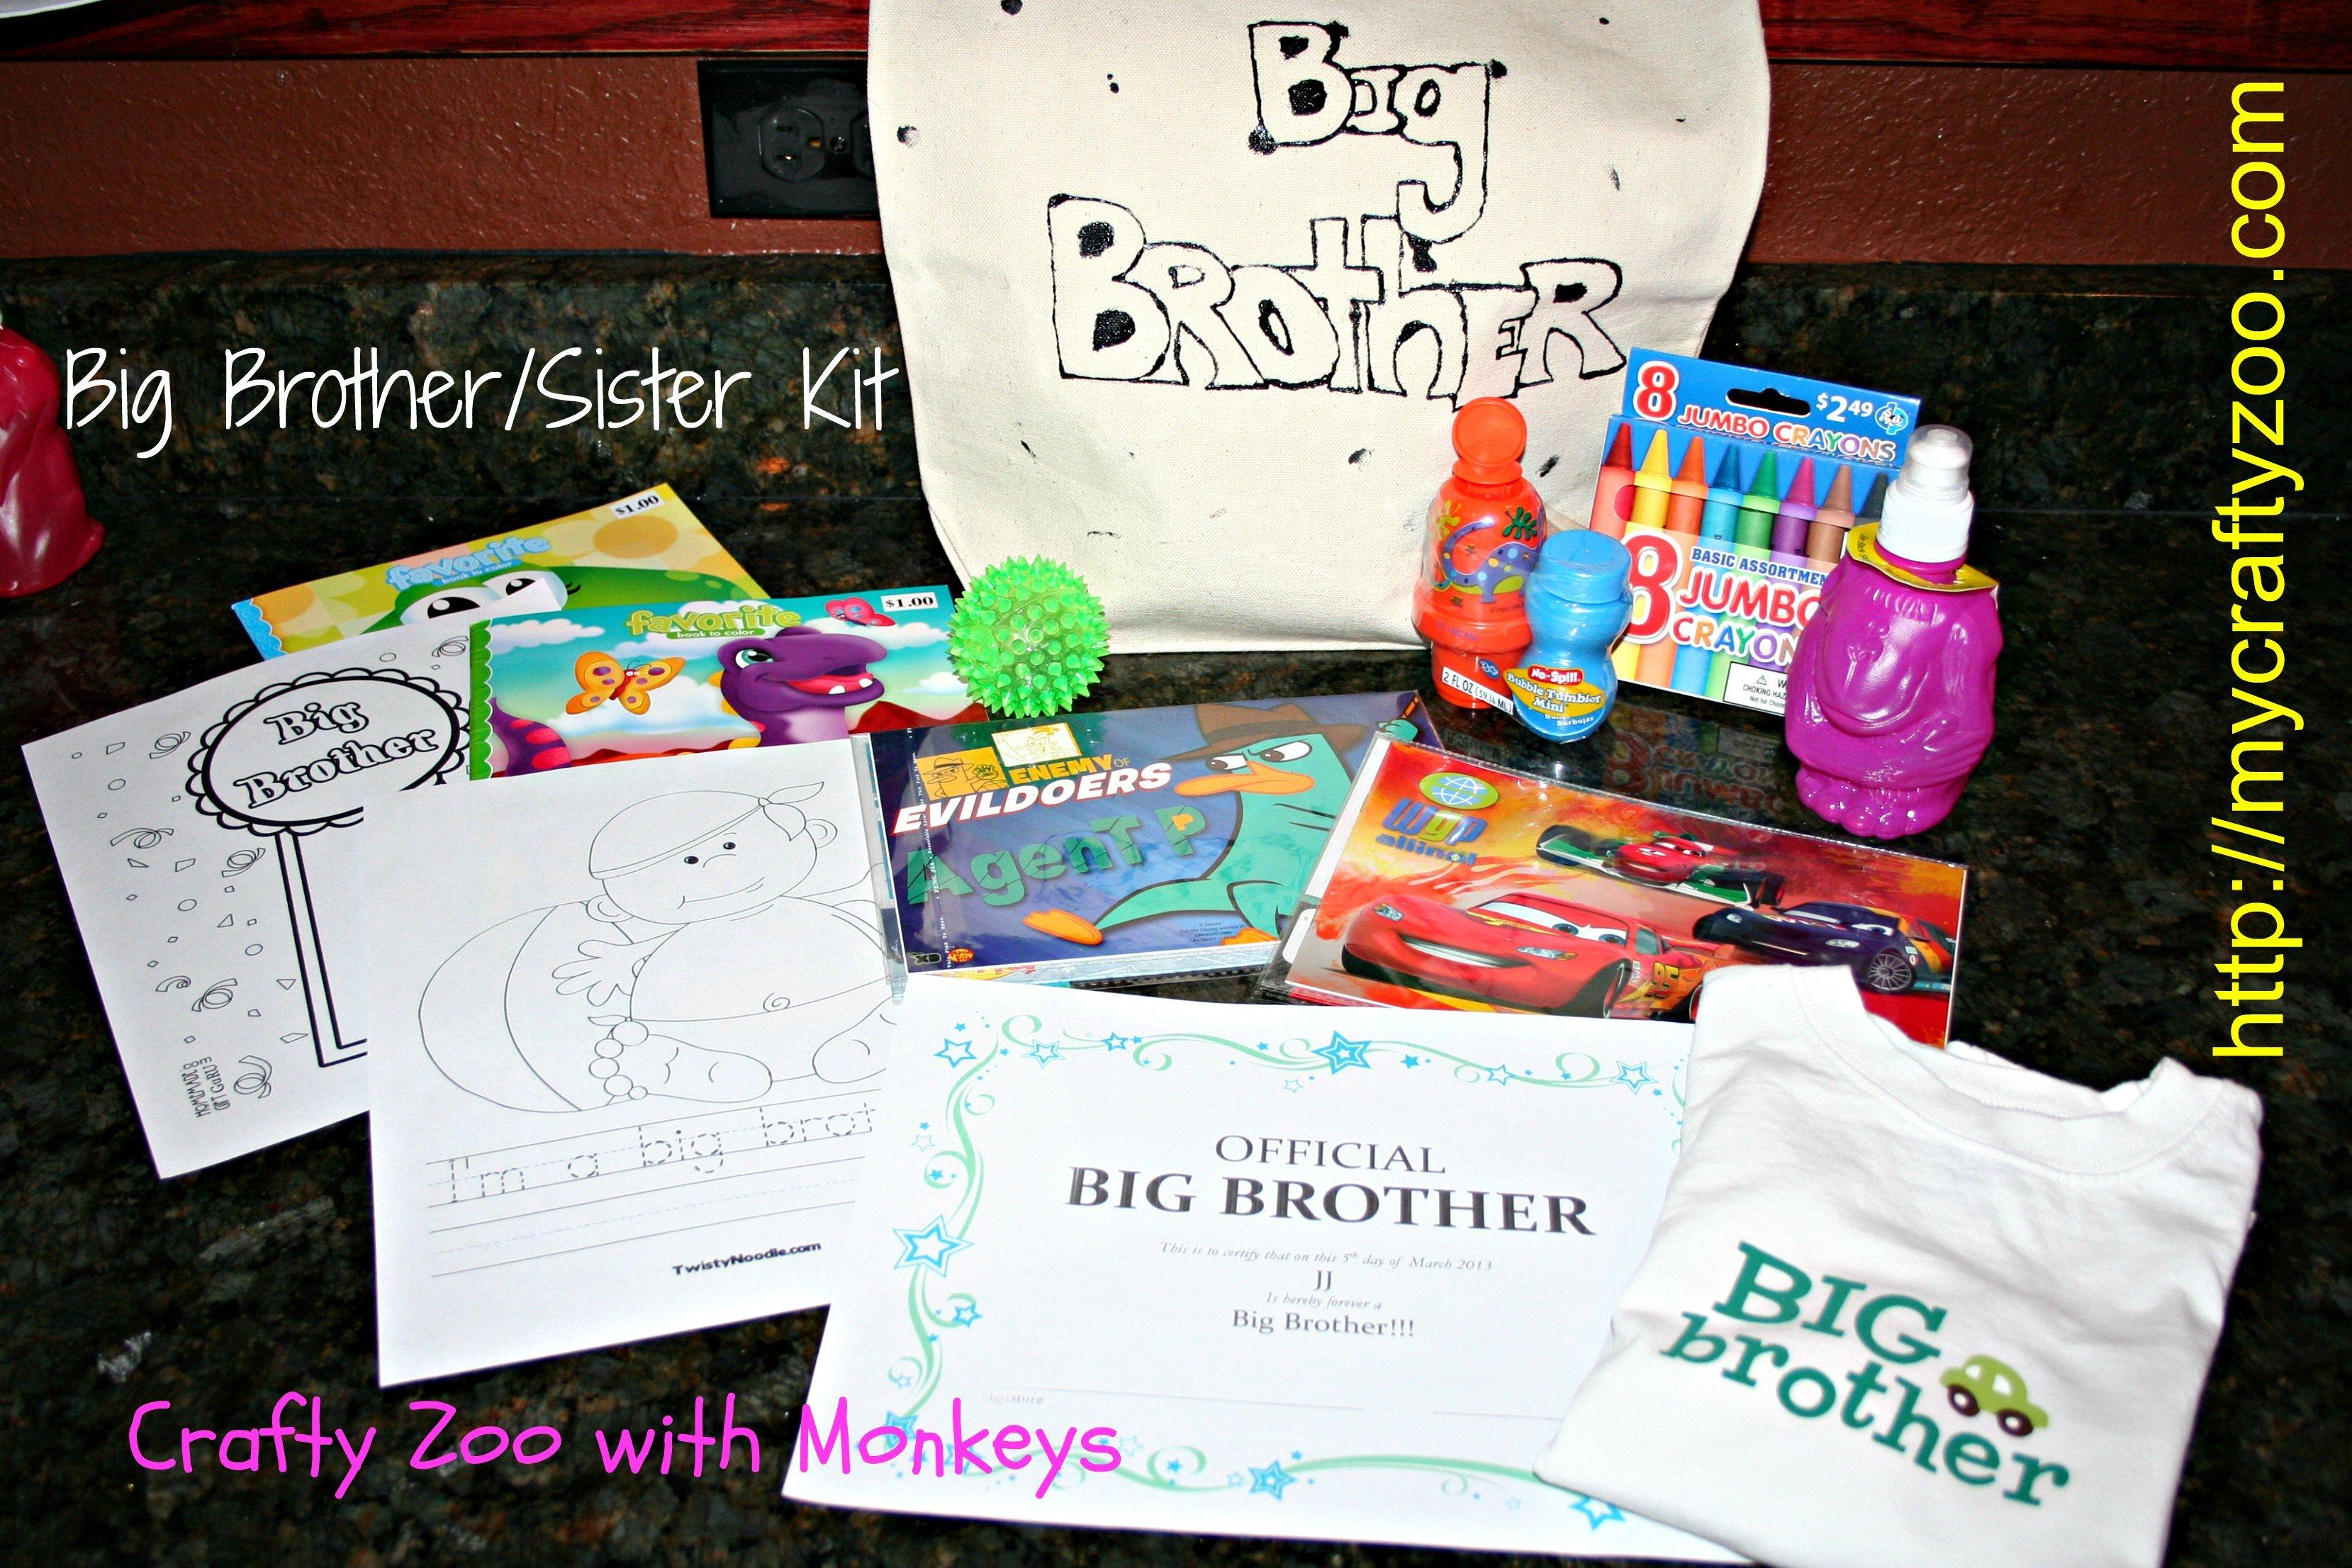 Big Brother/Big Sister Kits